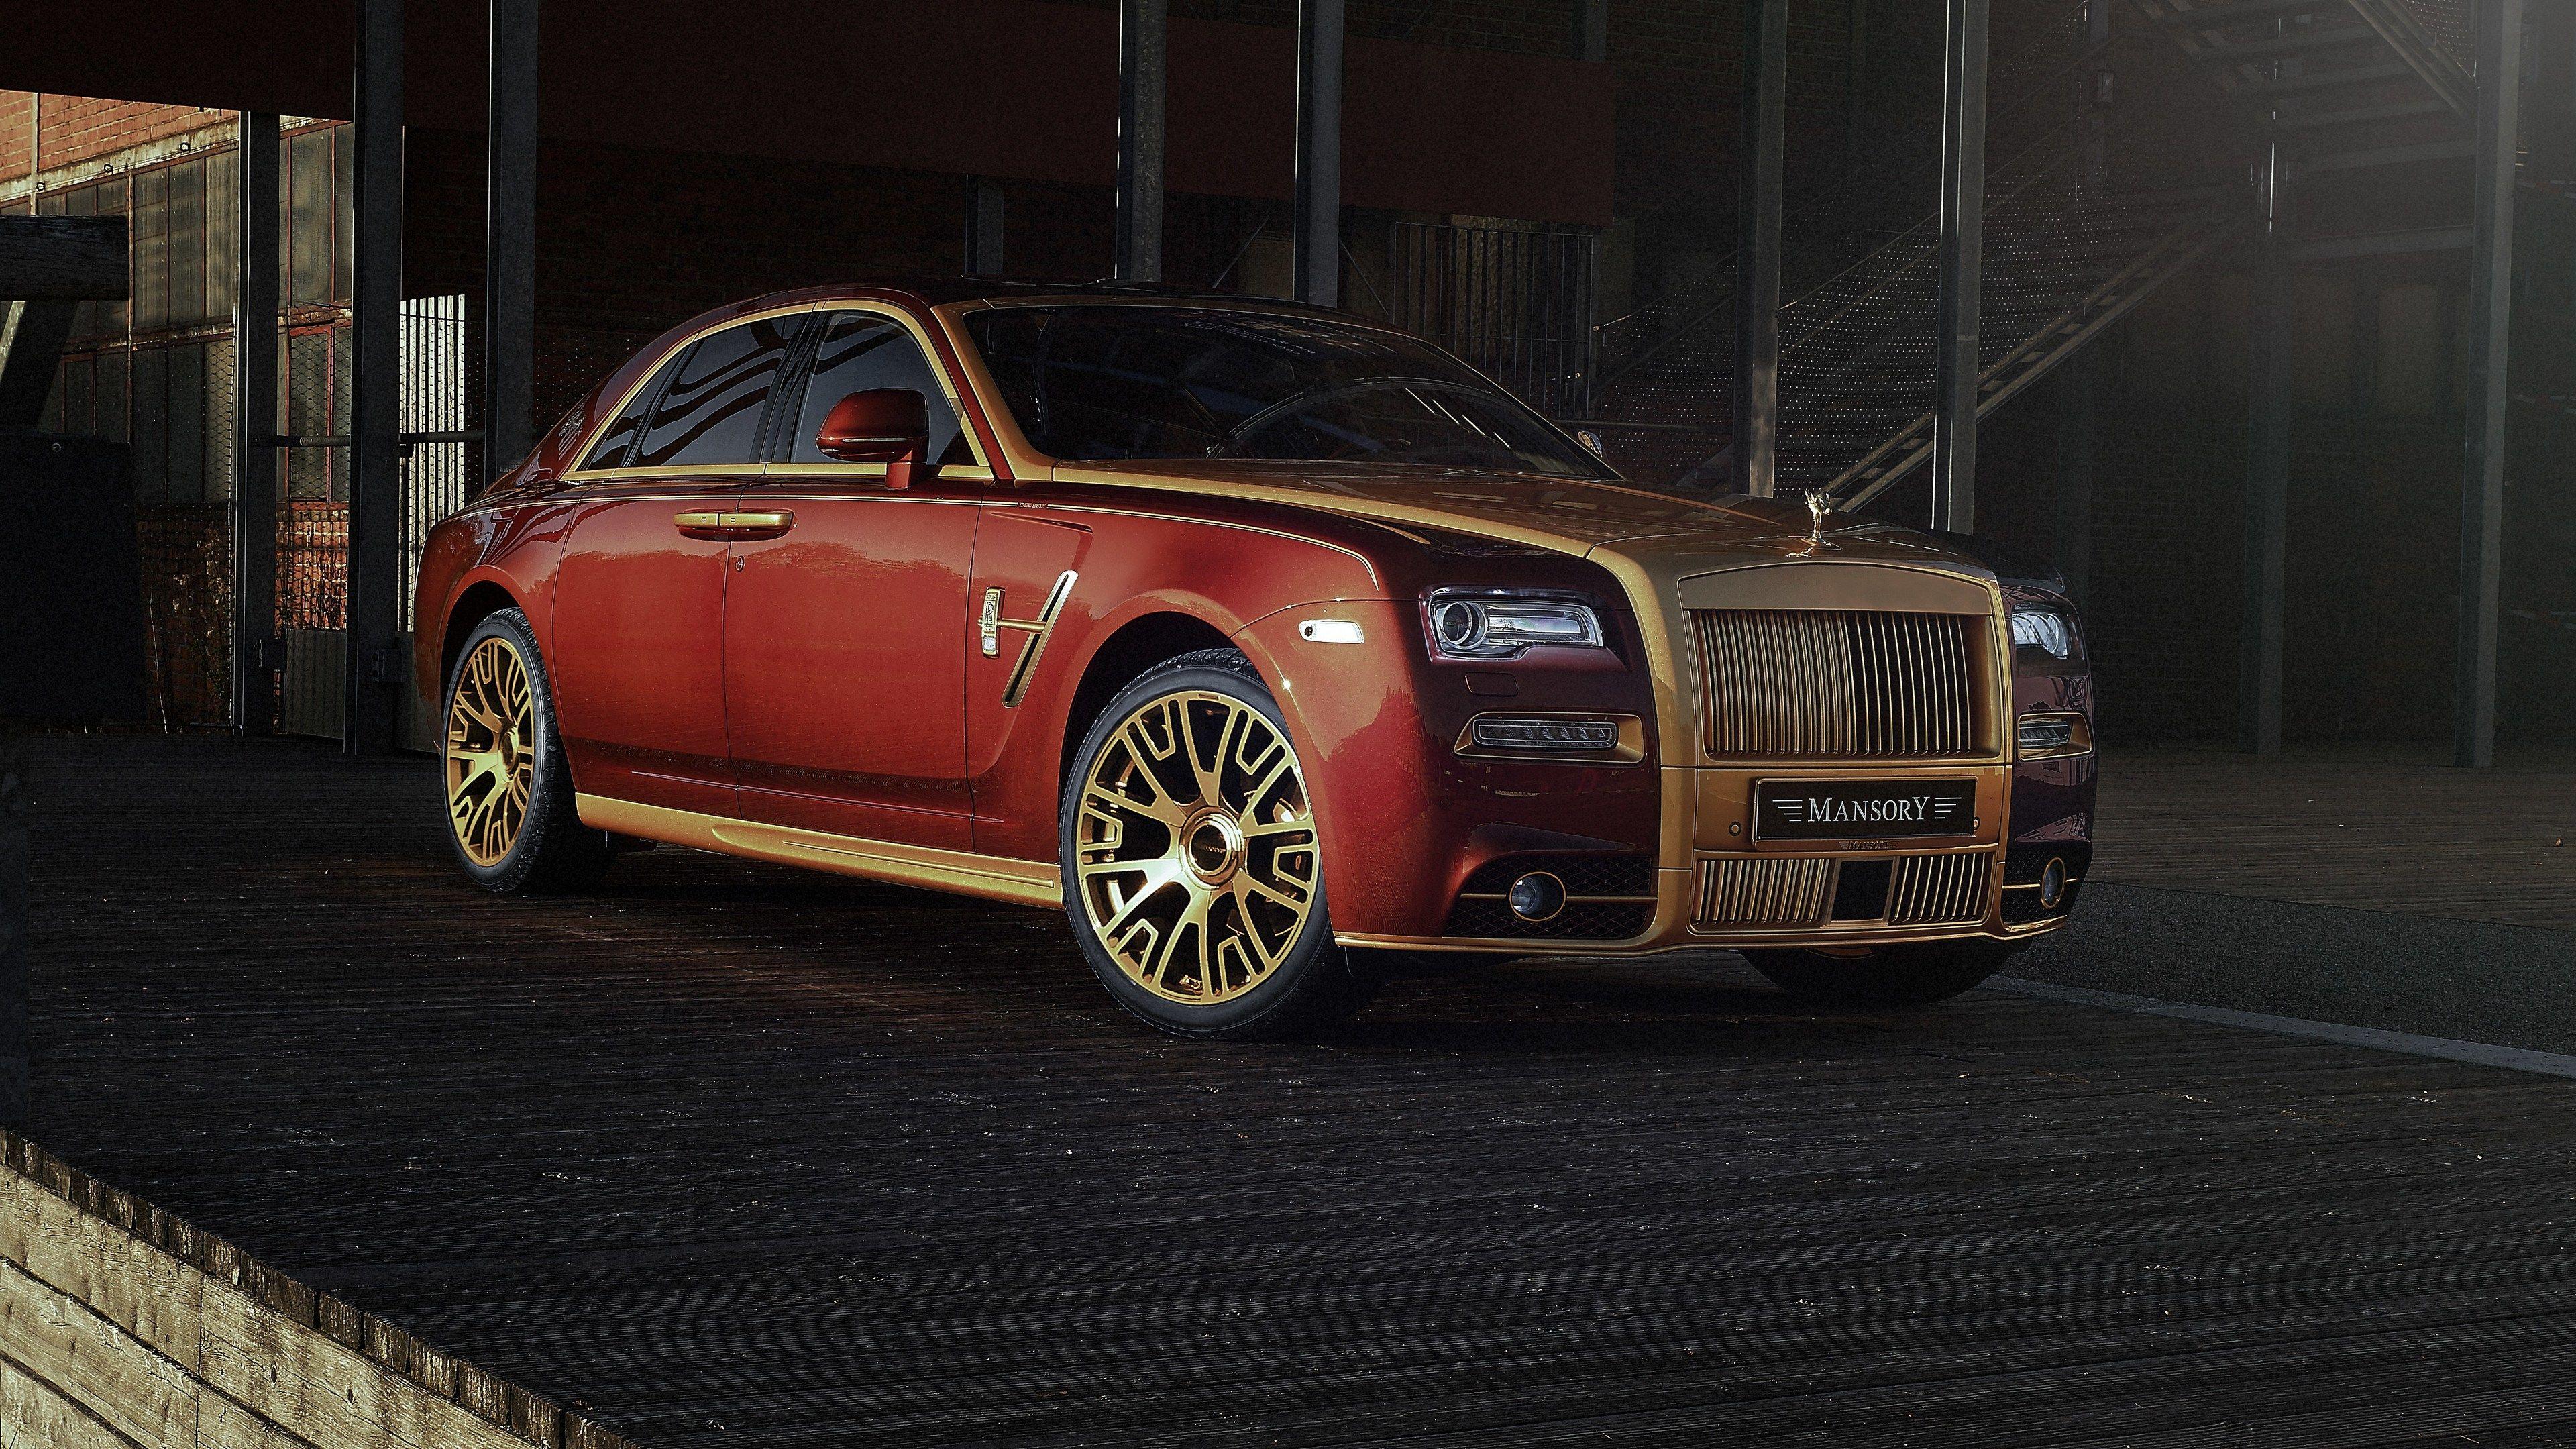 Rolls Royce Ghost Mansory Rolls Royce Wallpapers Rolls Royce Ghost Wallpapers Cars Wallpapers Rolls Royce Royce Rolls Royce Wallpaper